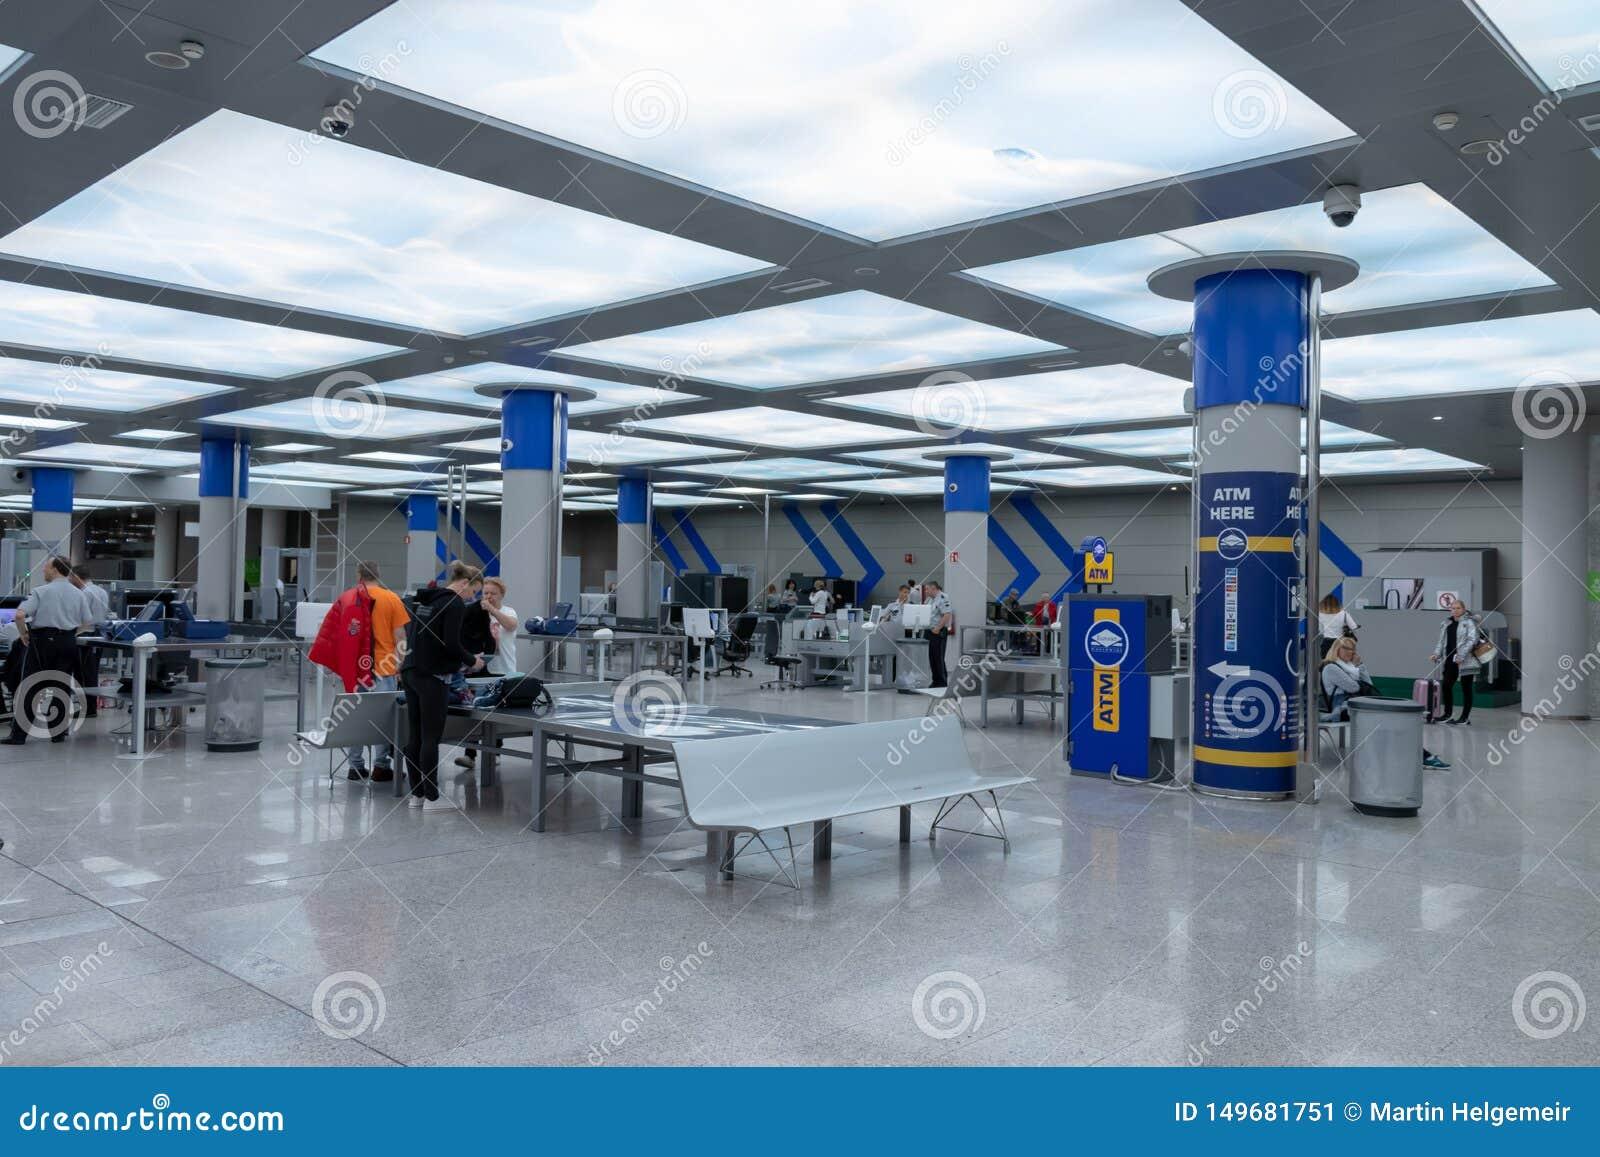 Airport, palma, mallorca, spain, 2019 april 14: security check at the airport of palma, mallorca